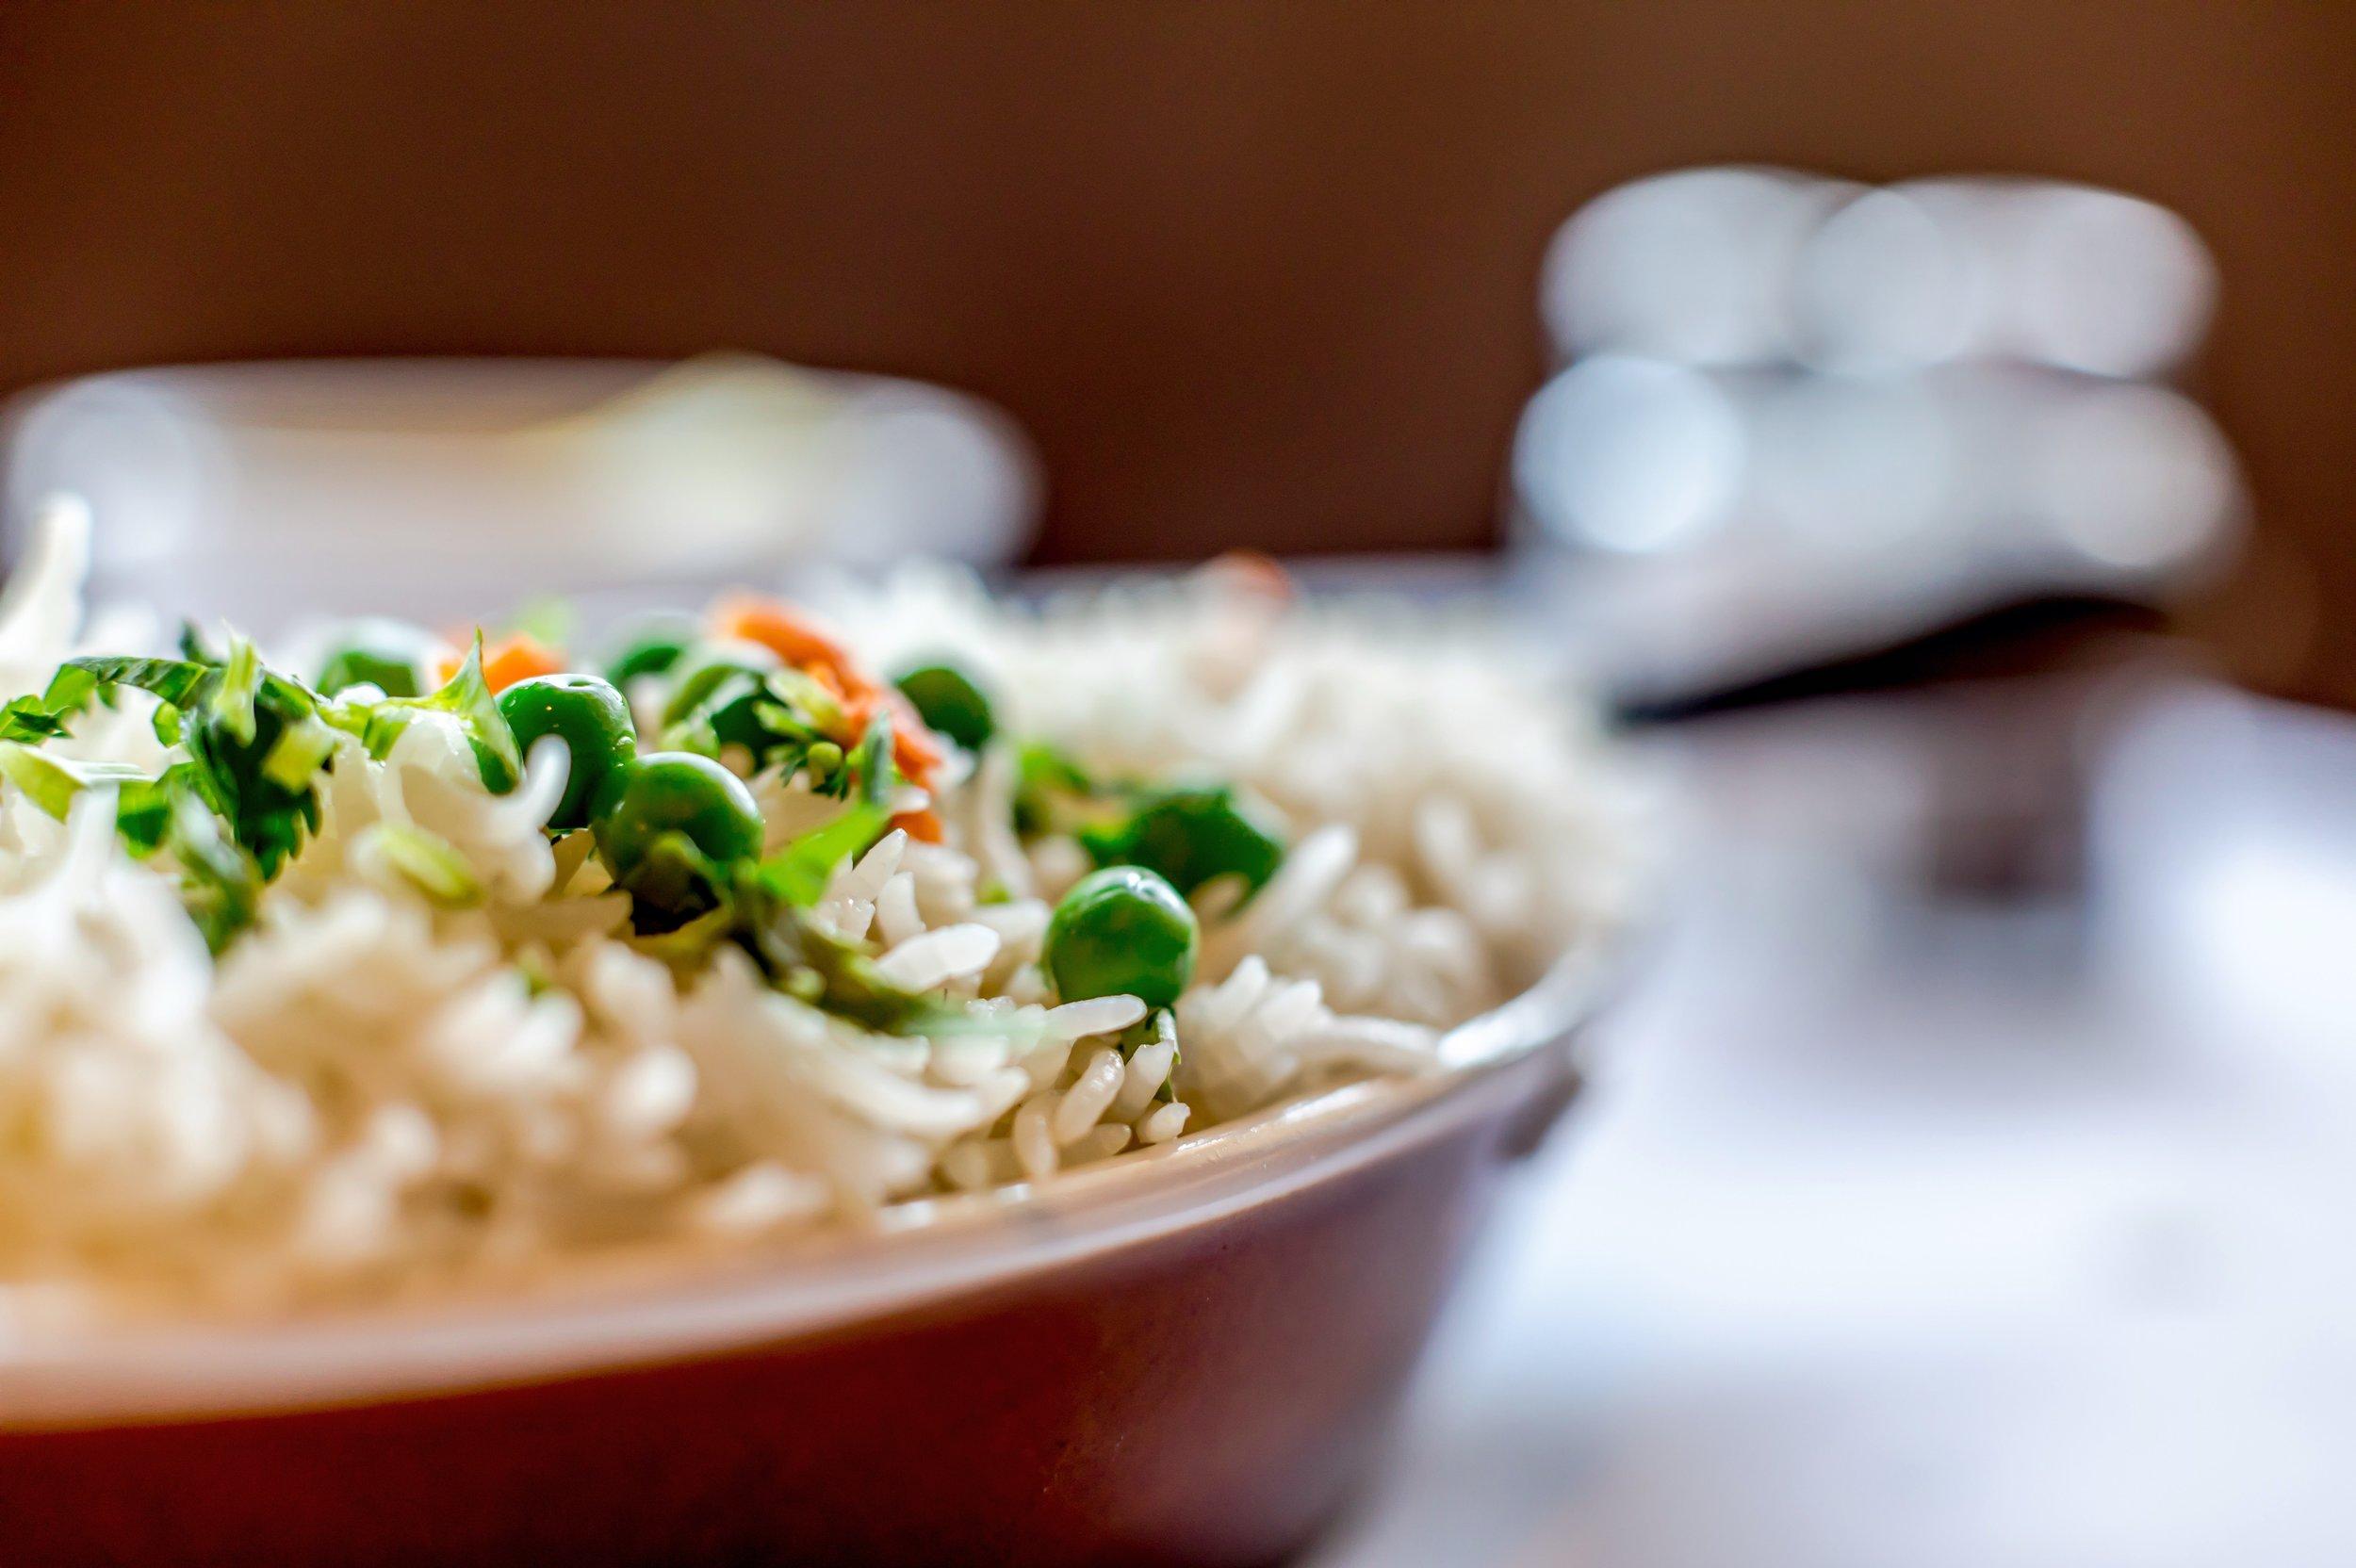 Basmati Rice - Classic Indian Favorite